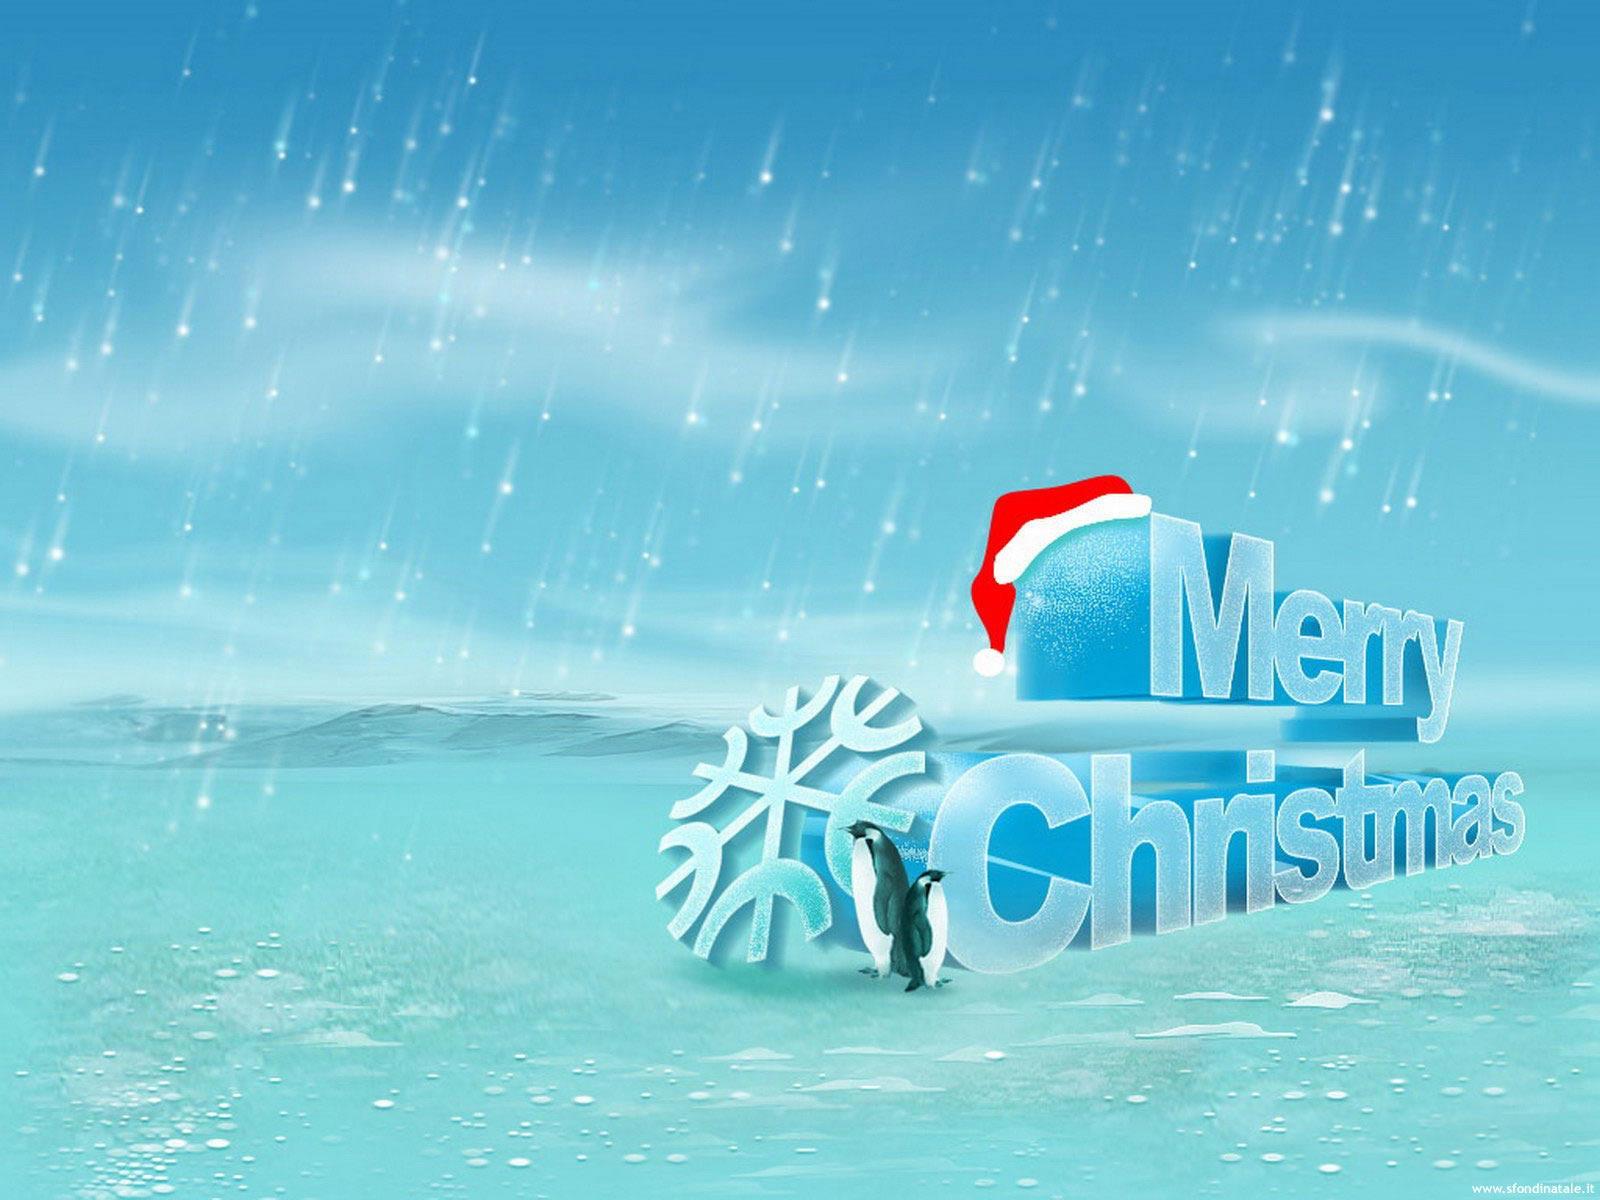 Sfondi Natale - Sfondo Natale pinguini